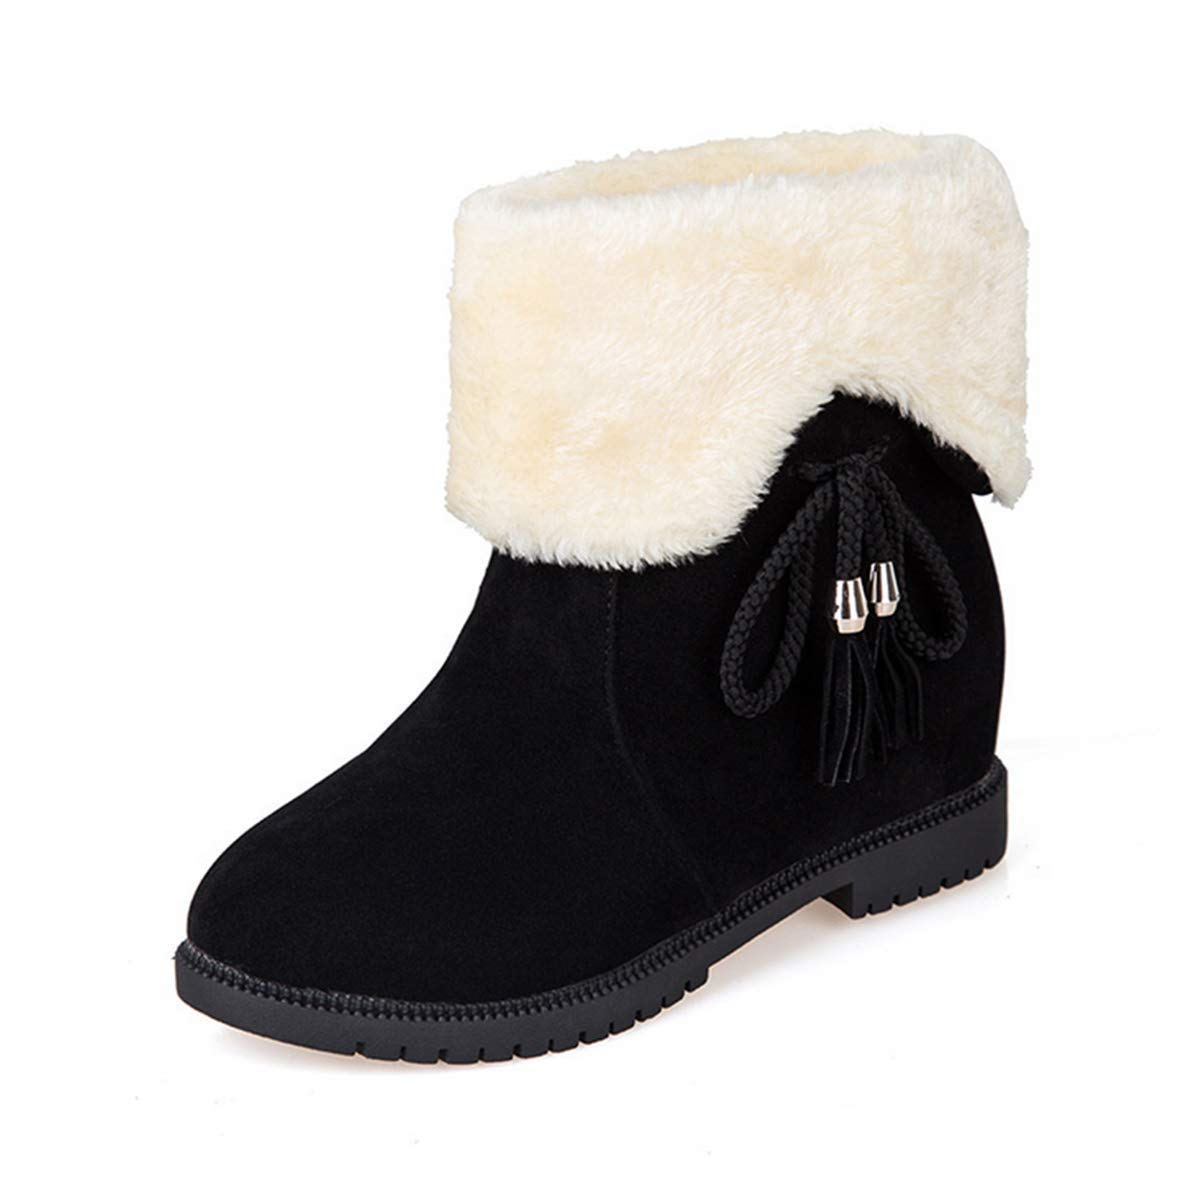 Bottes de Neige d Femme Hiver 8939 Chaud Noir Marron Chaussure avec d hiver Fourrure avec Noeud à Enfiler Bottines Femme Mode épaisse Mi-Mollet Casual à la Maison-Fanessy Noir fee02ff - reprogrammed.space